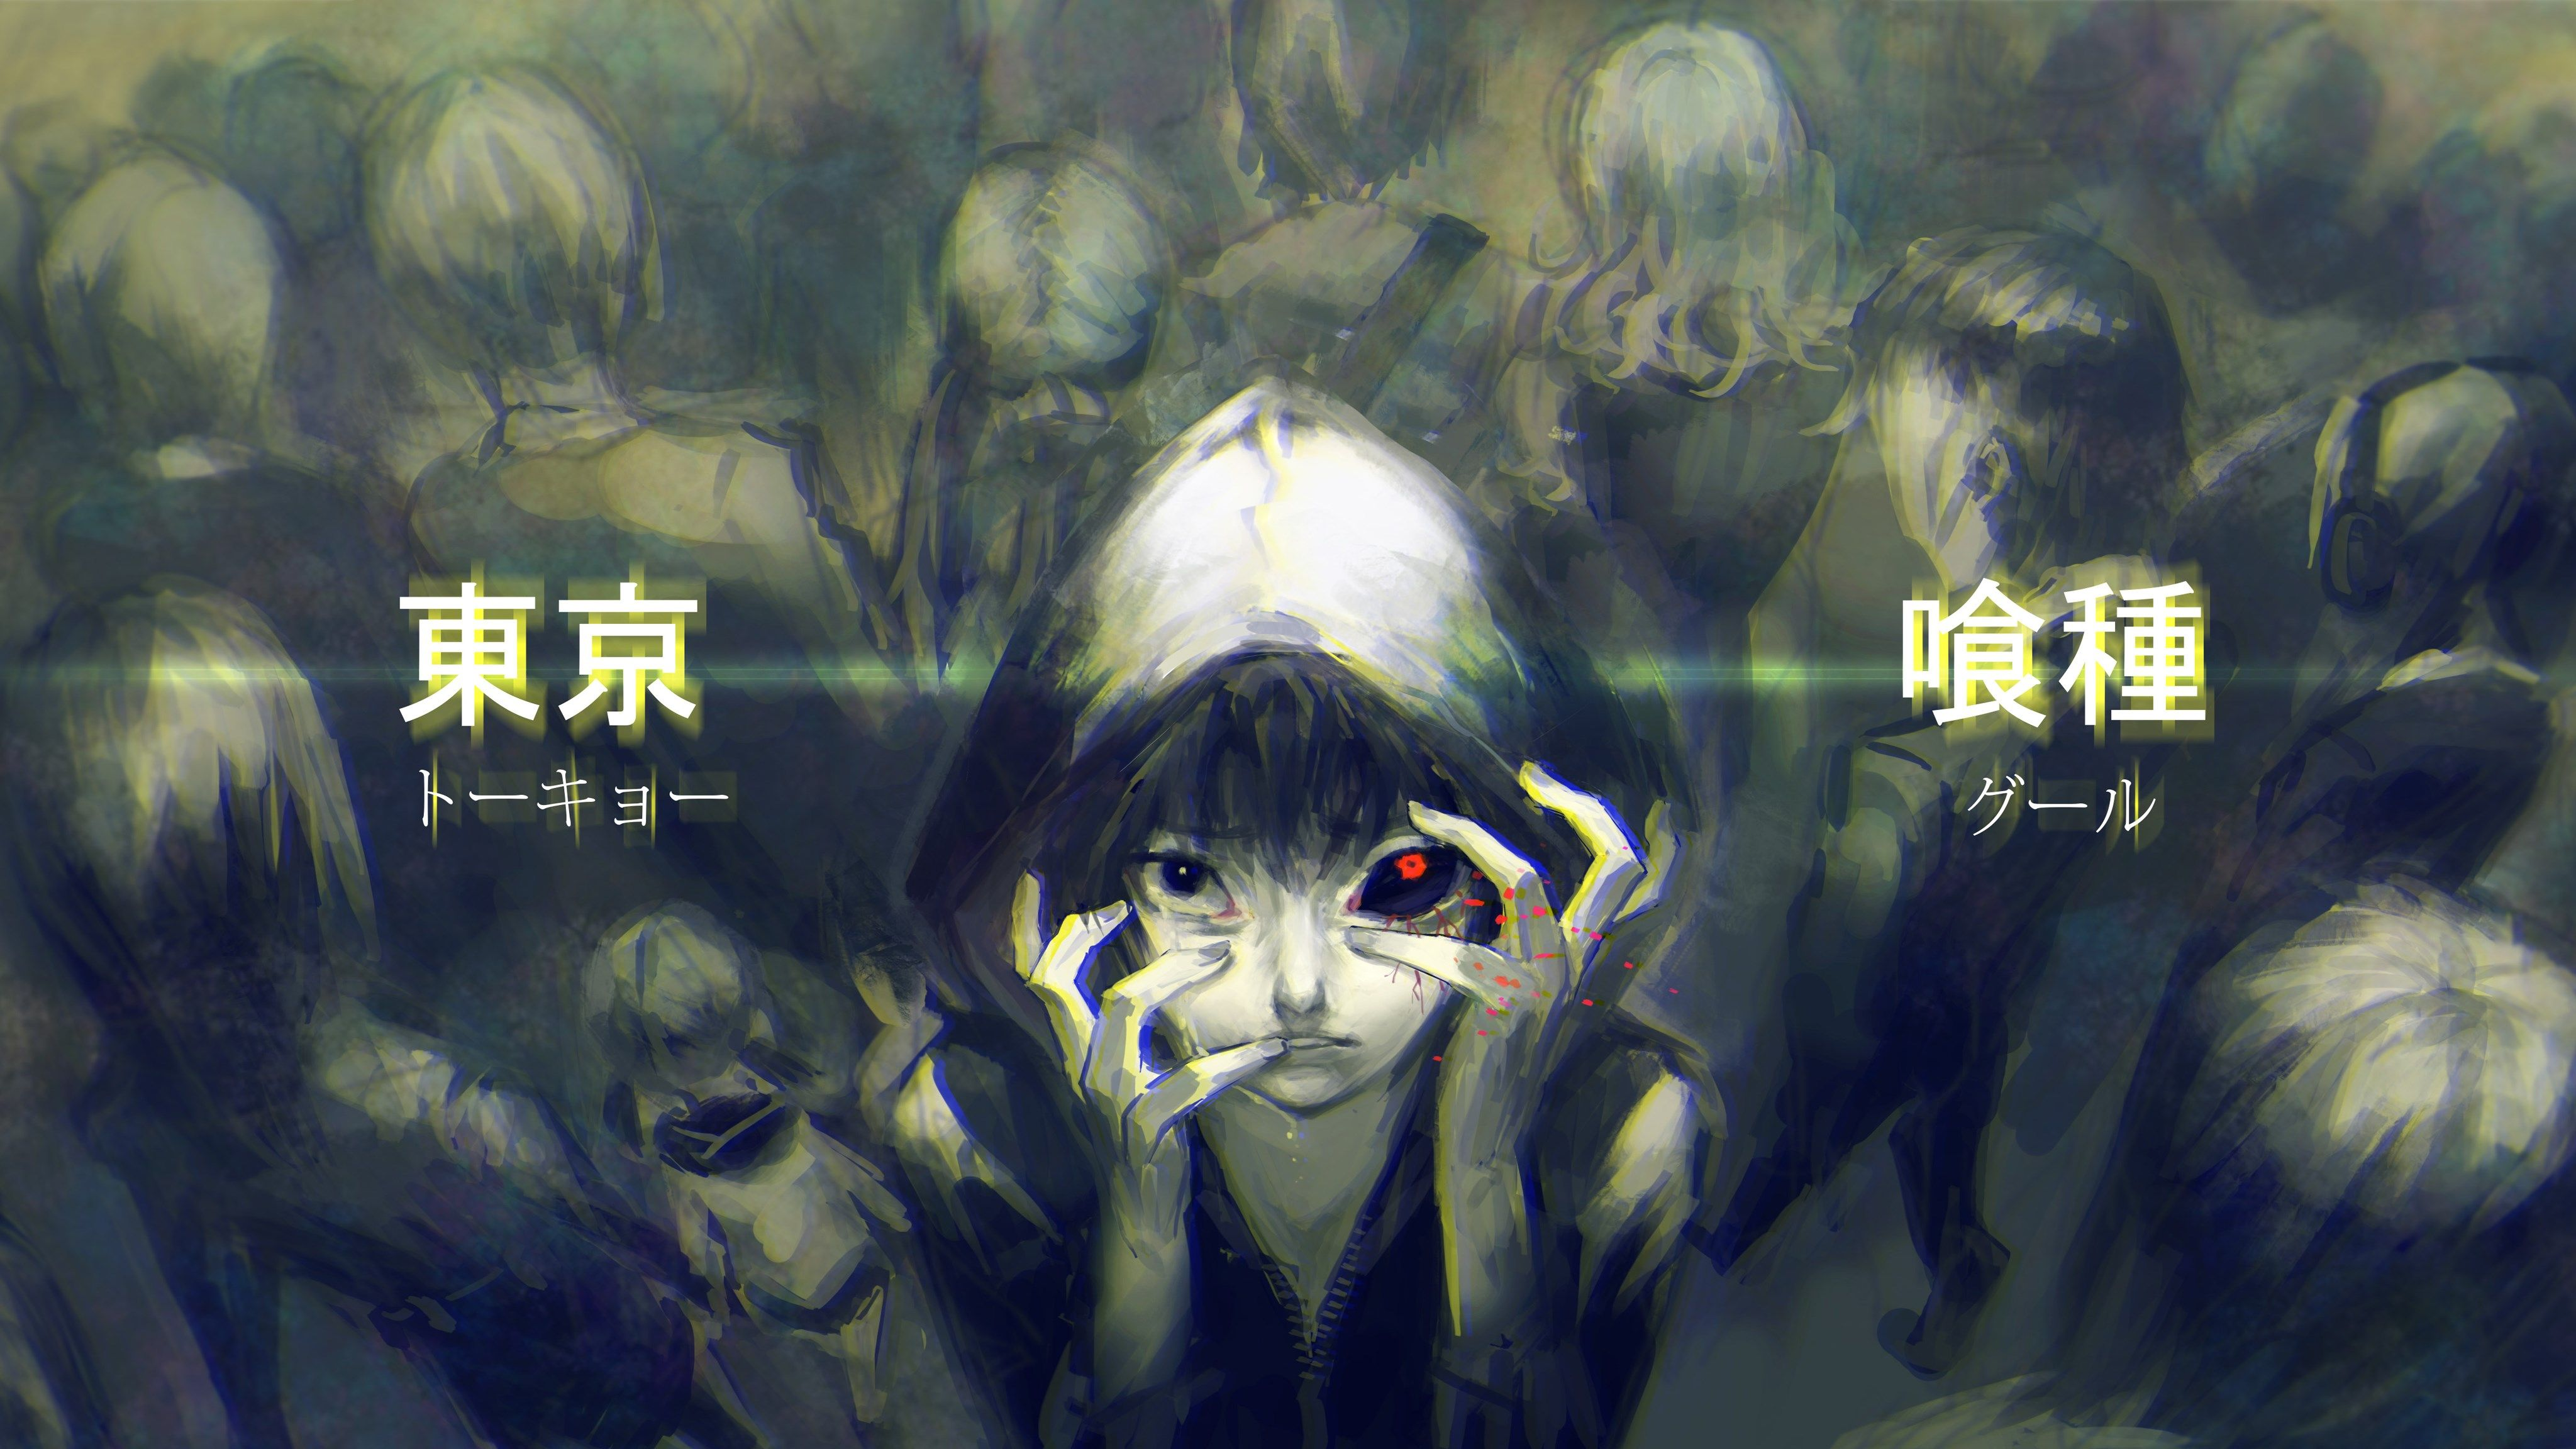 tokyo ghoul 4k wallpaper (4096x2304) Аниме, Комиксы и Гифу